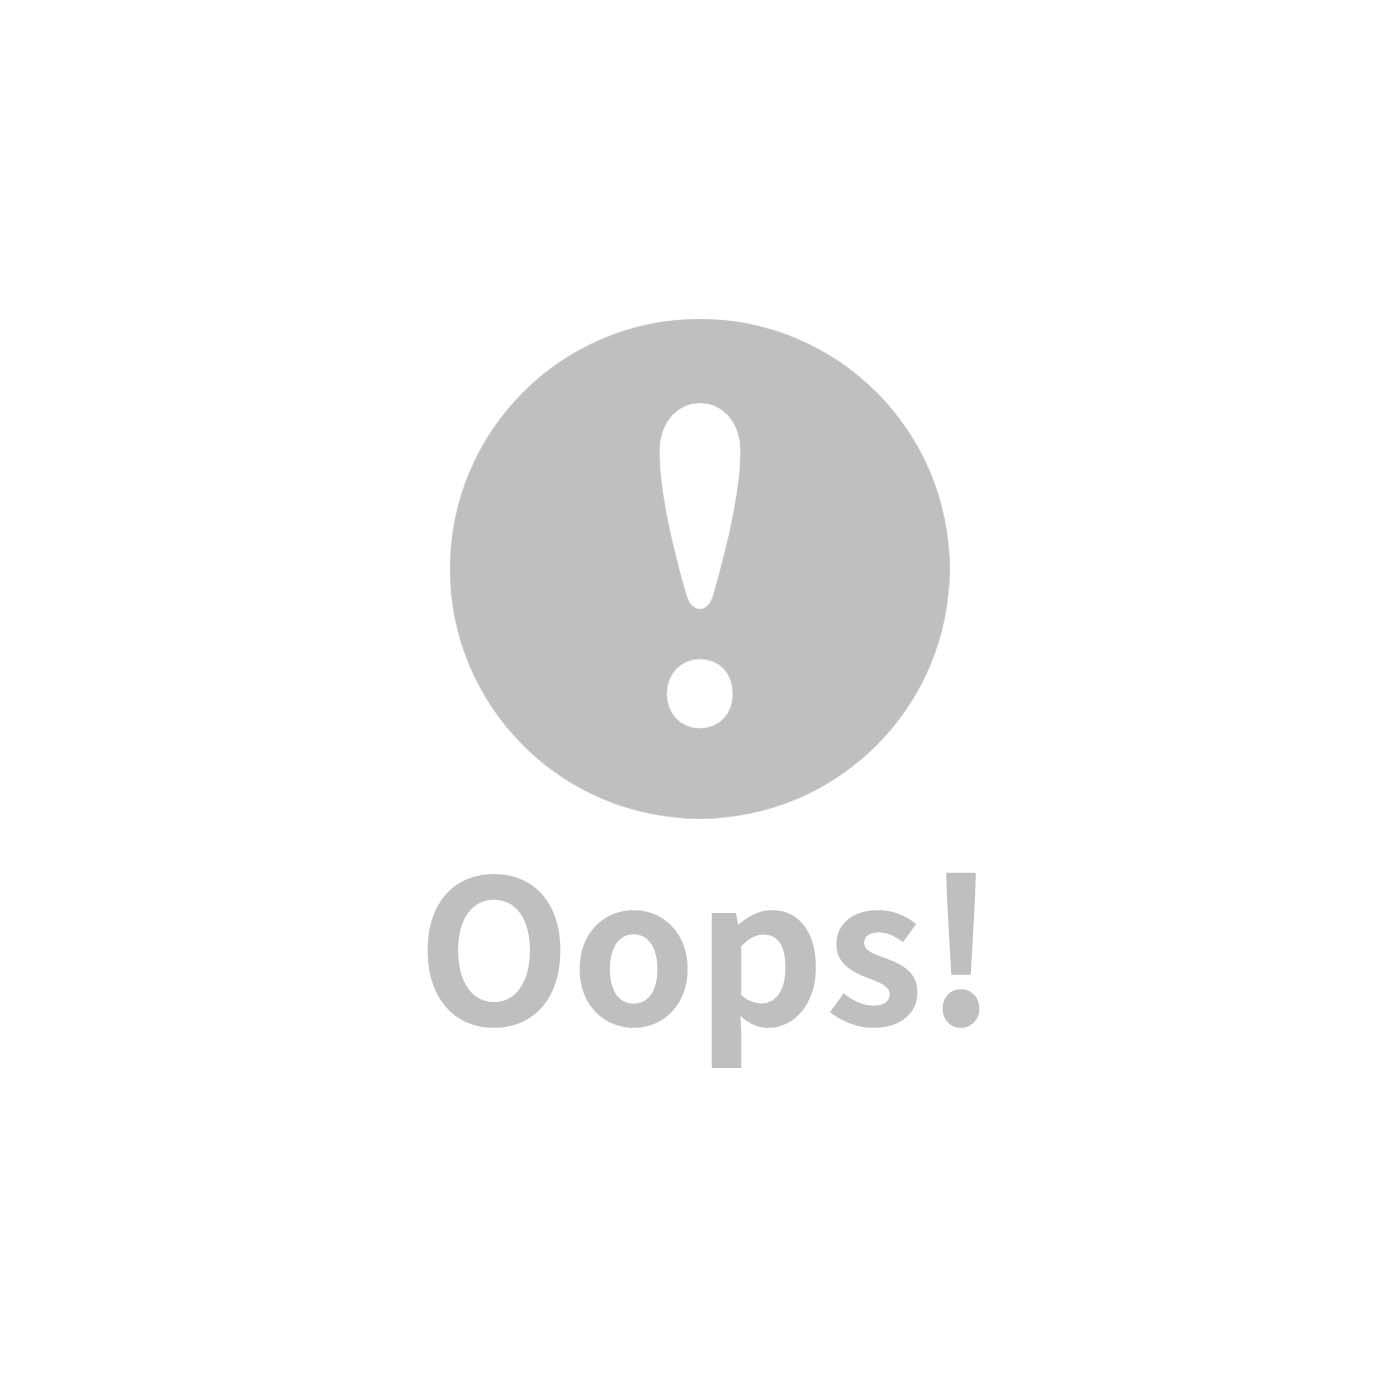 global affairs 童話手工編織安撫搖鈴_叢林系列(獨角獸)